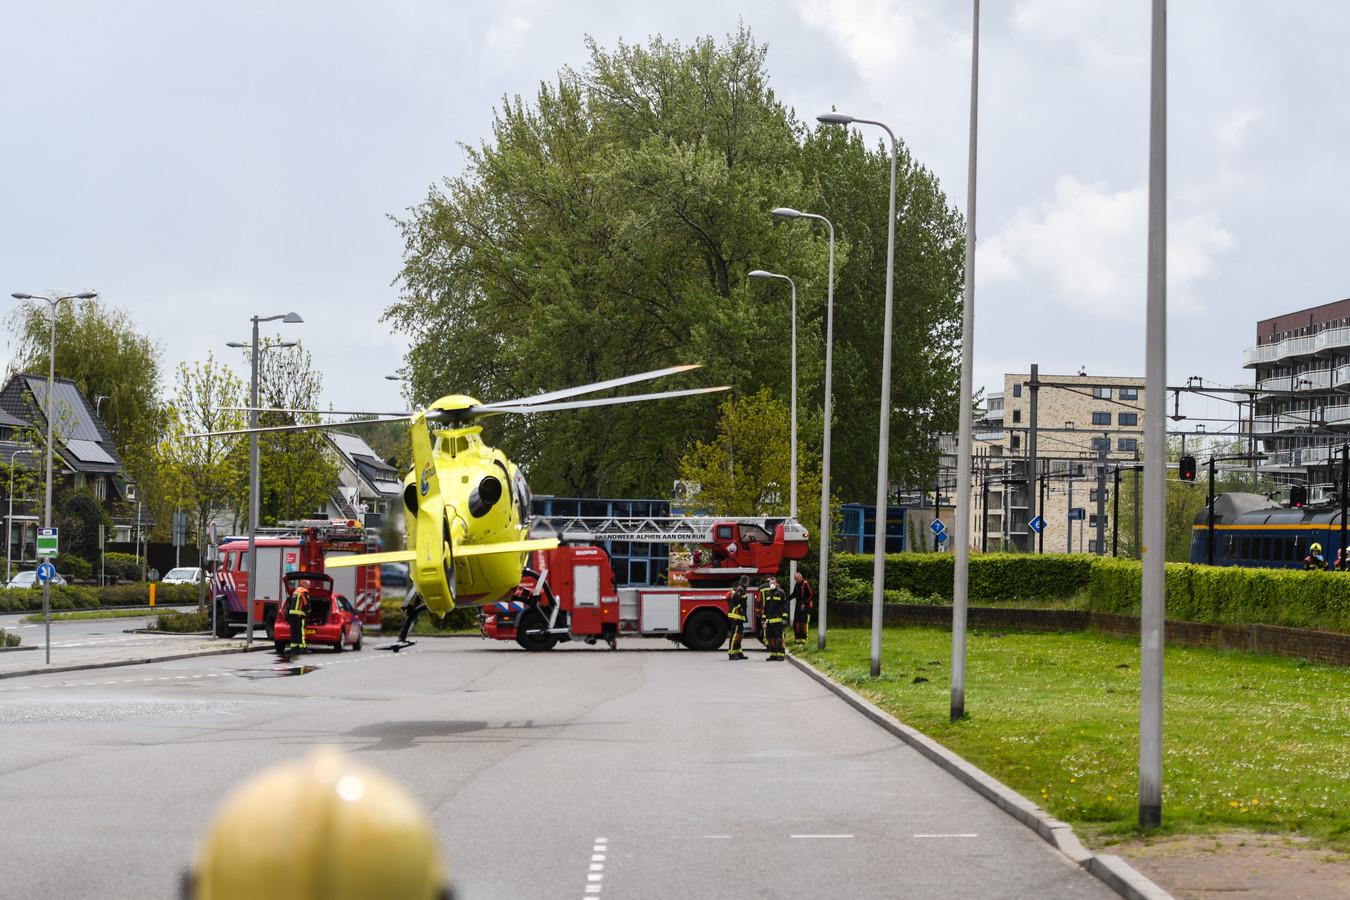 De traumahelikopter landt bij het station.